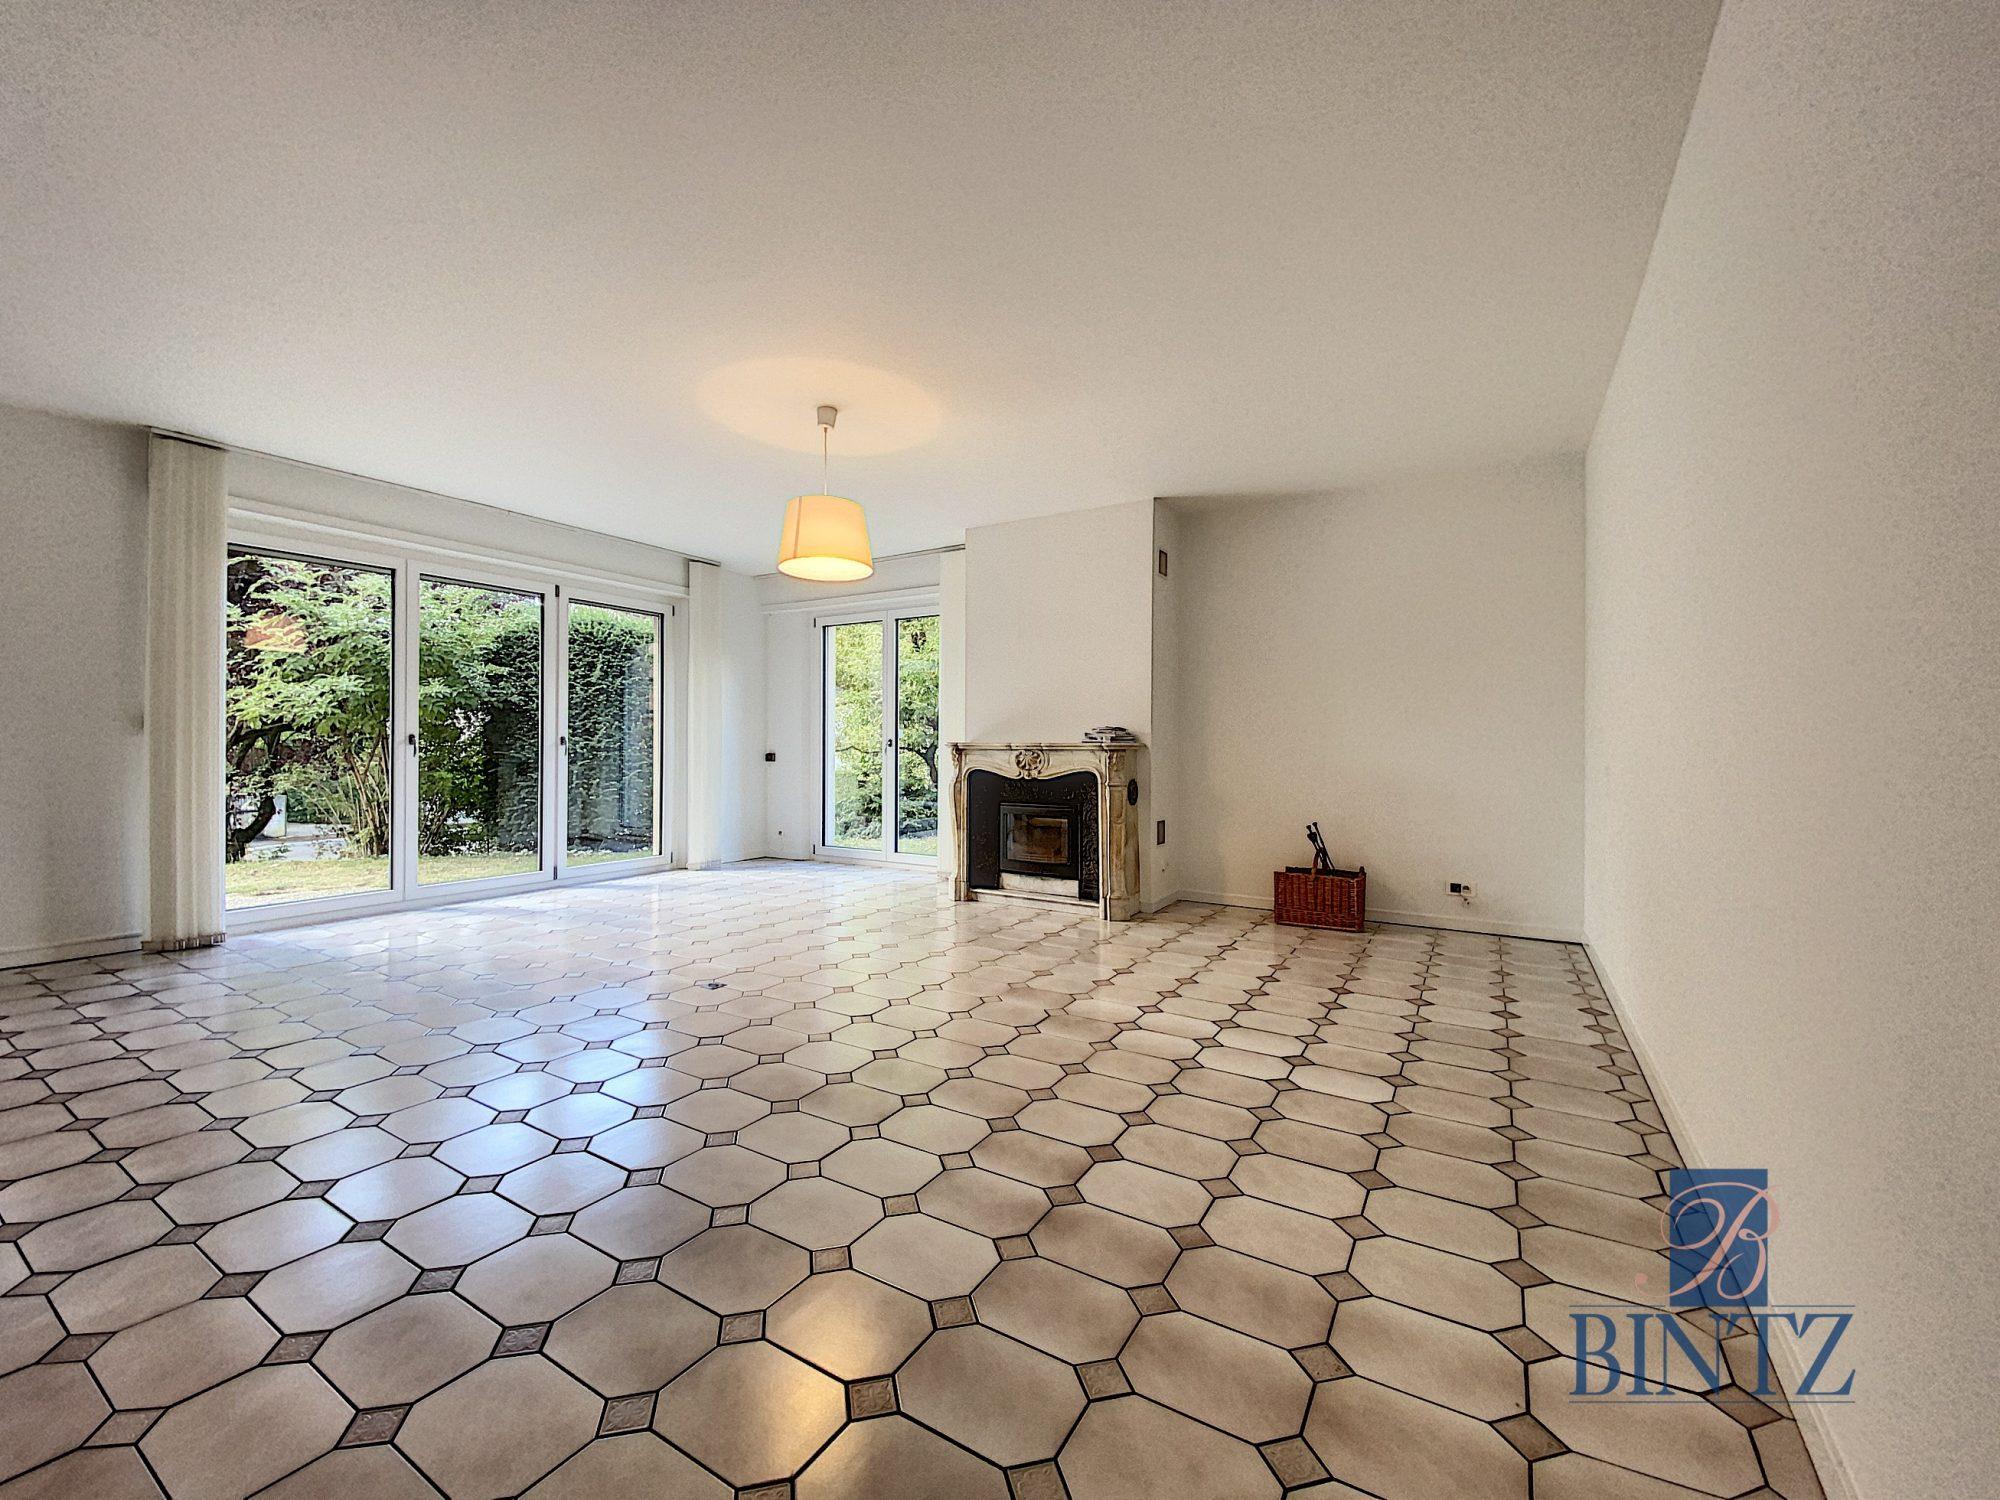 MAISON A LOUER ROBERTSAU - Devenez locataire en toute sérénité - Bintz Immobilier - 19